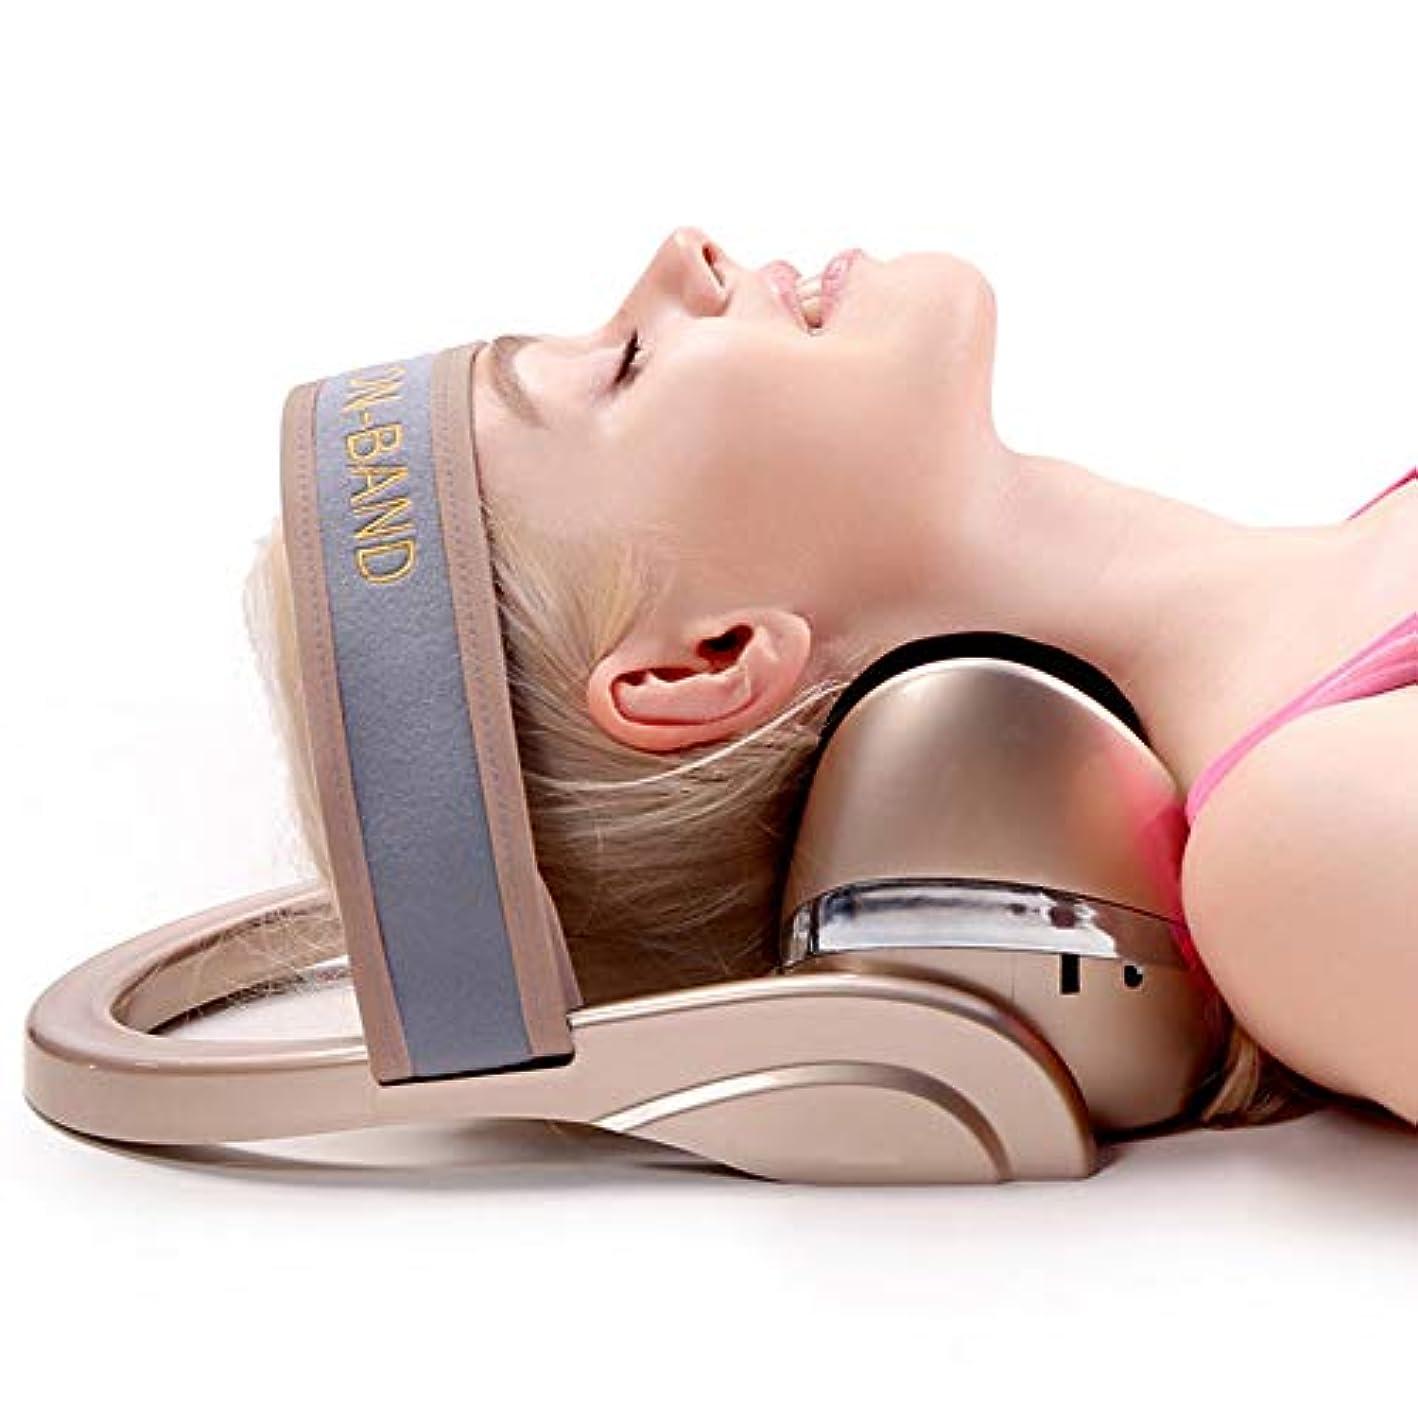 調べる認証のヒープ整形外科の救助の首およびサポート肩の上部の背骨の緩い苦痛のマッサージの牽引のための電気頚椎のマッサージの弛緩の枕